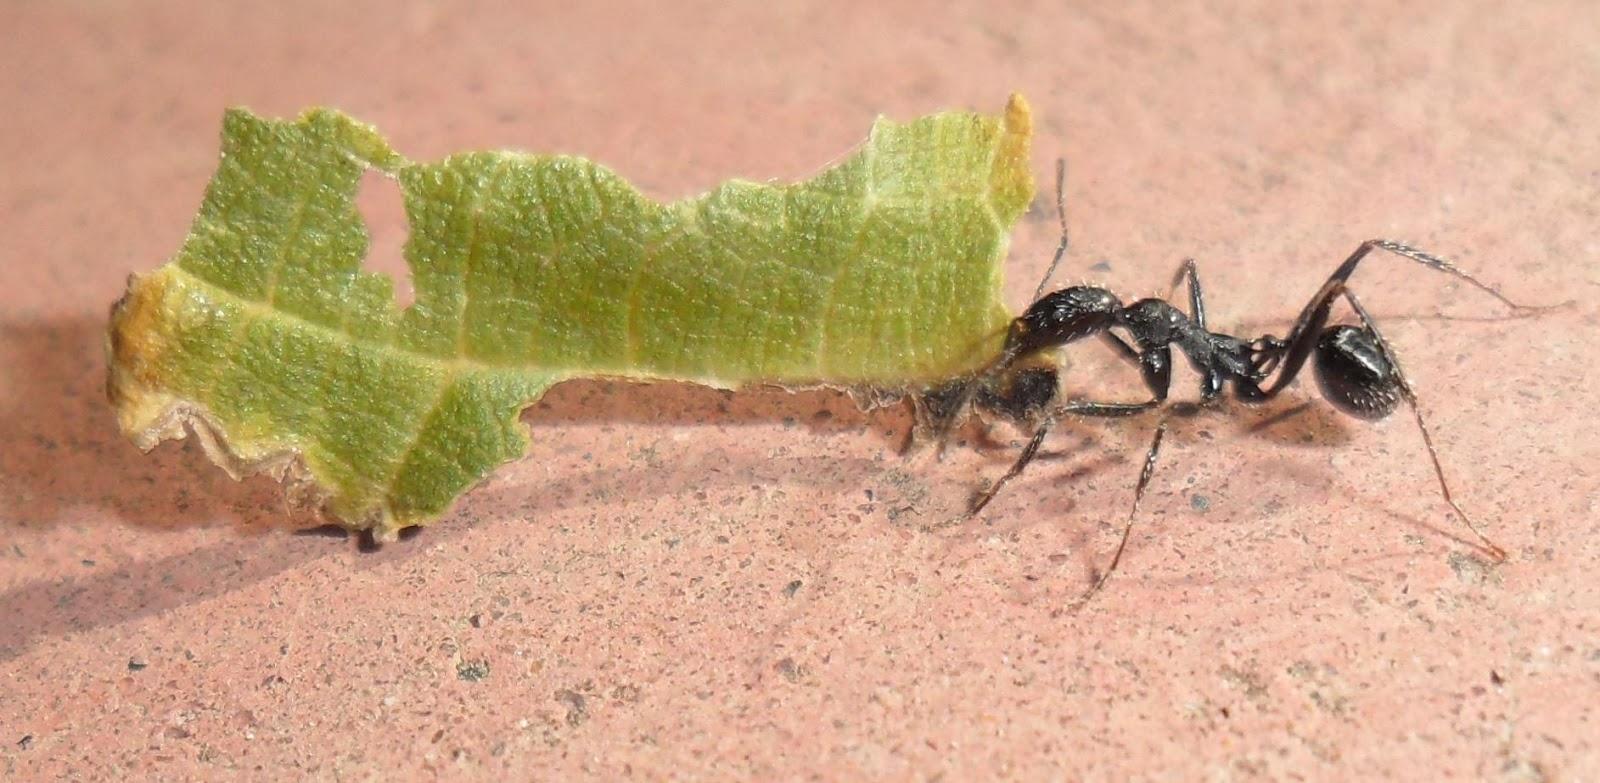 Hormigas Amarillas: Observación sobre Aphaenogaster sp.